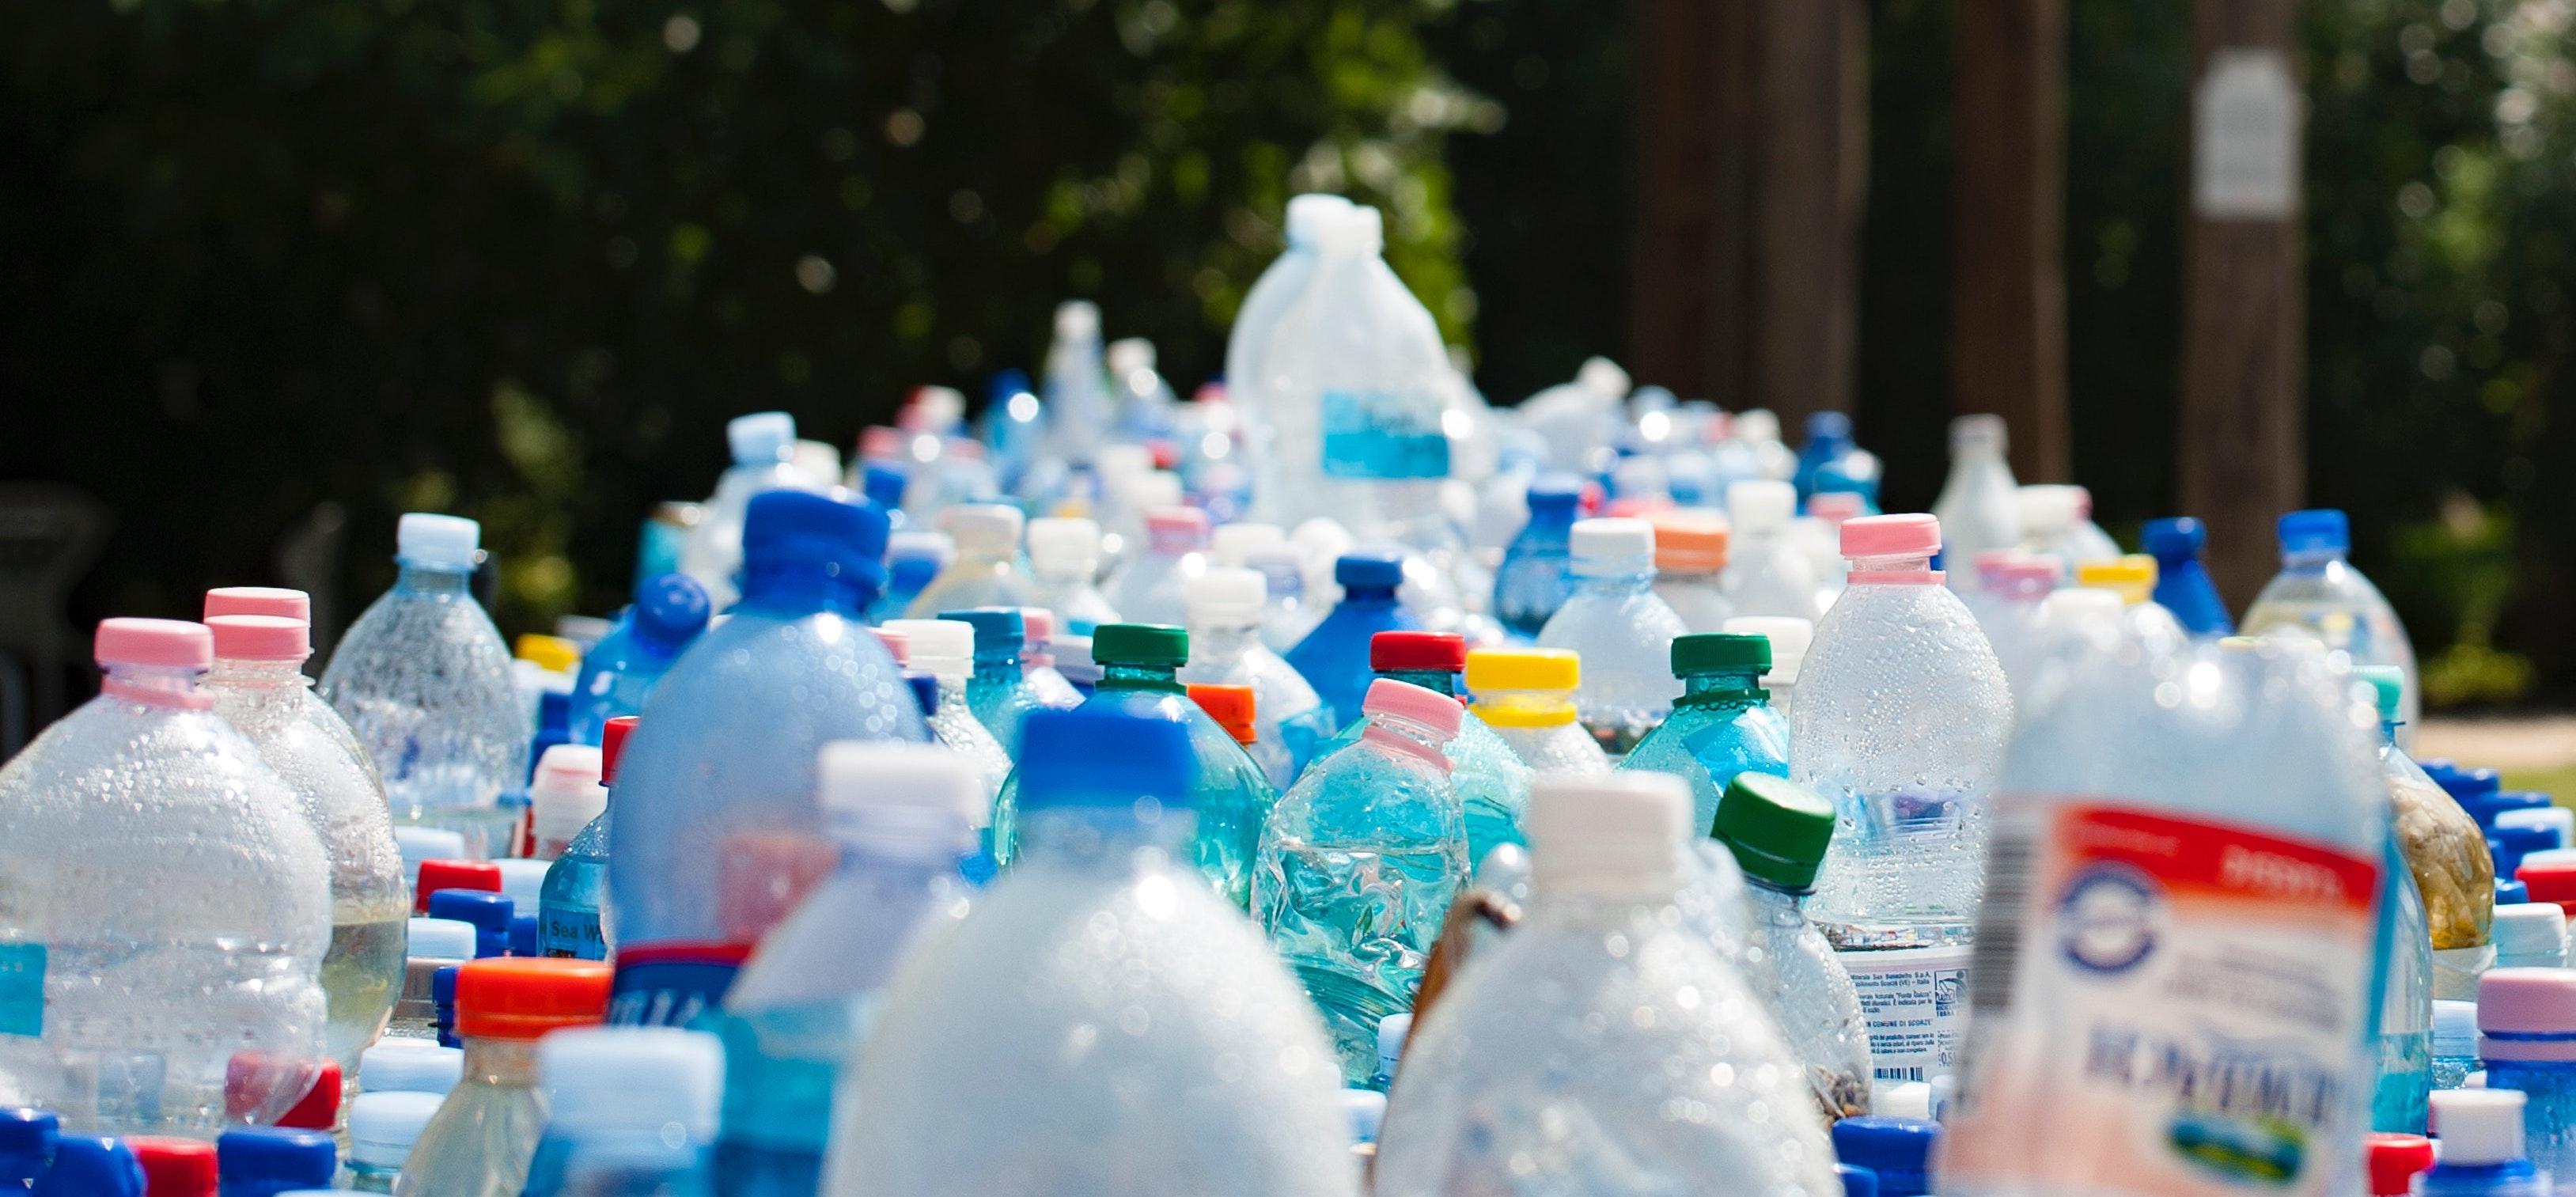 Réduire plastique